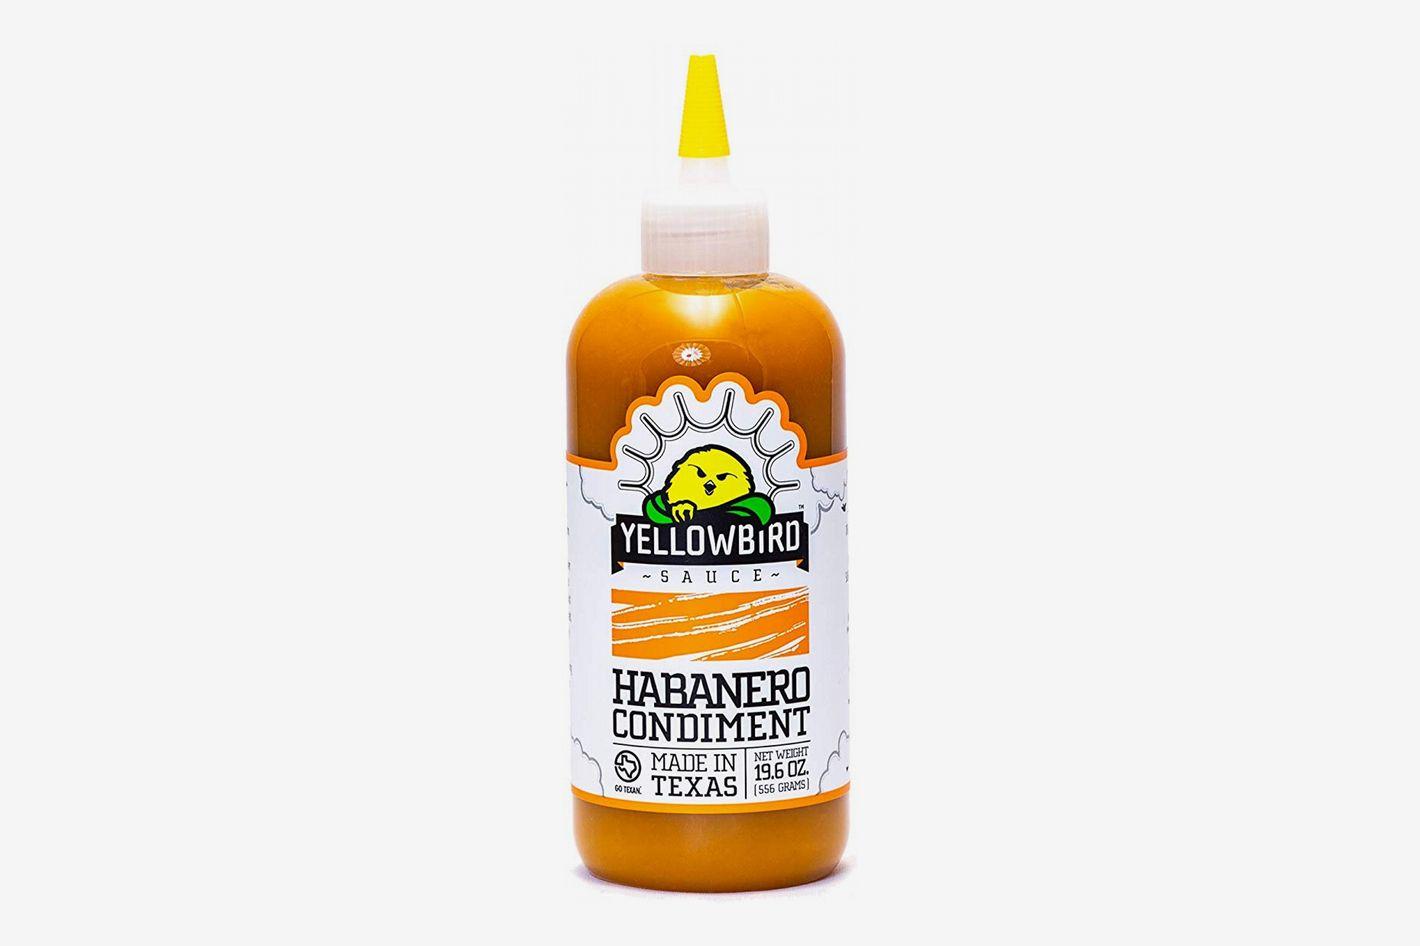 Yellowbird, Habanero Sauce